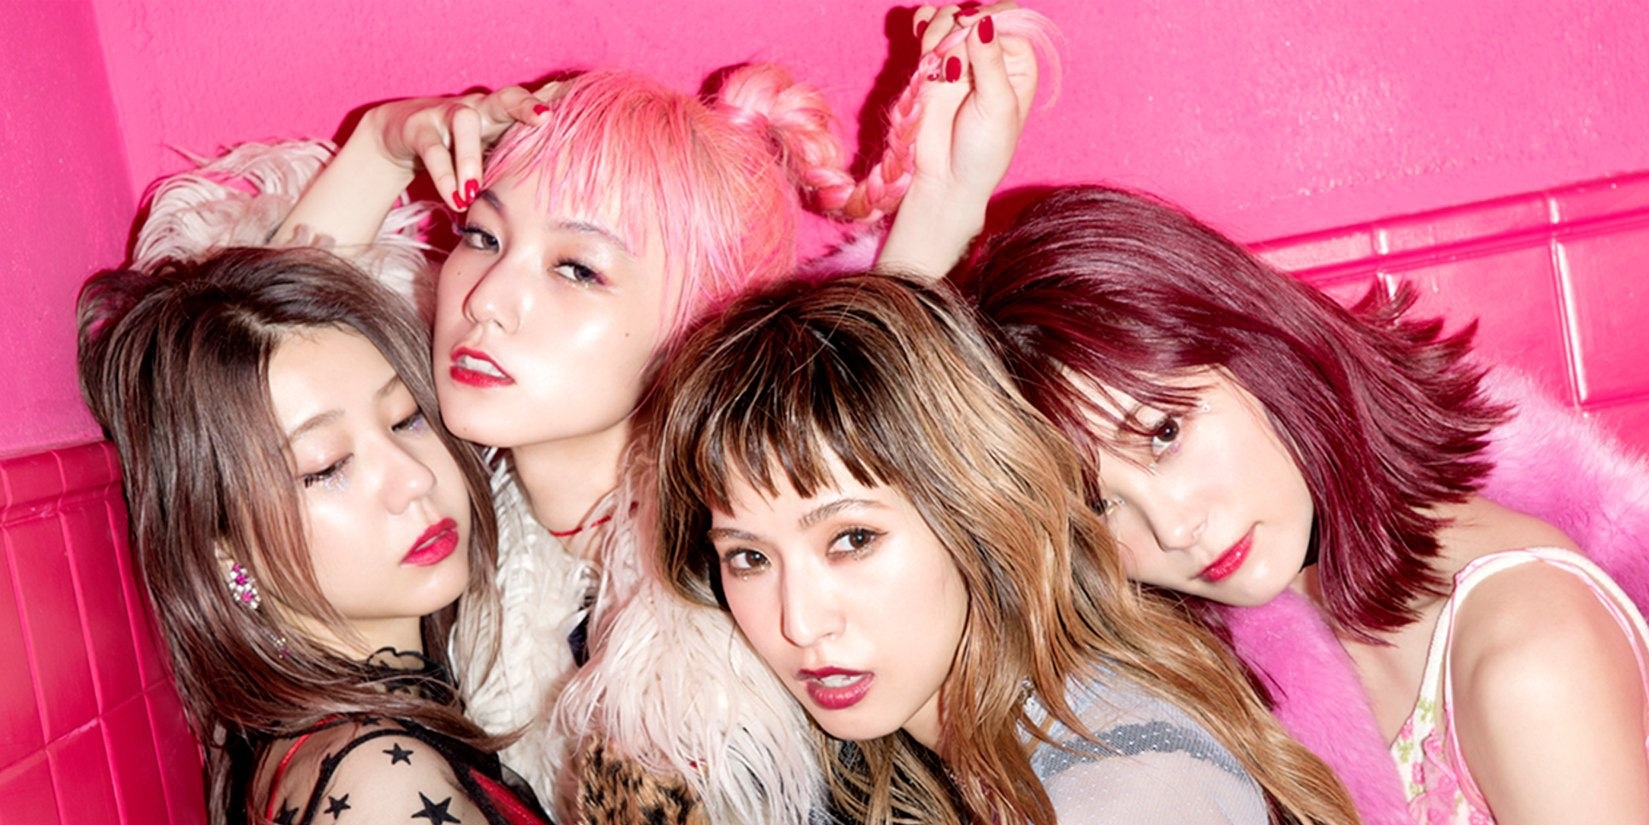 Japanese rock band Scandal to make Manila debut